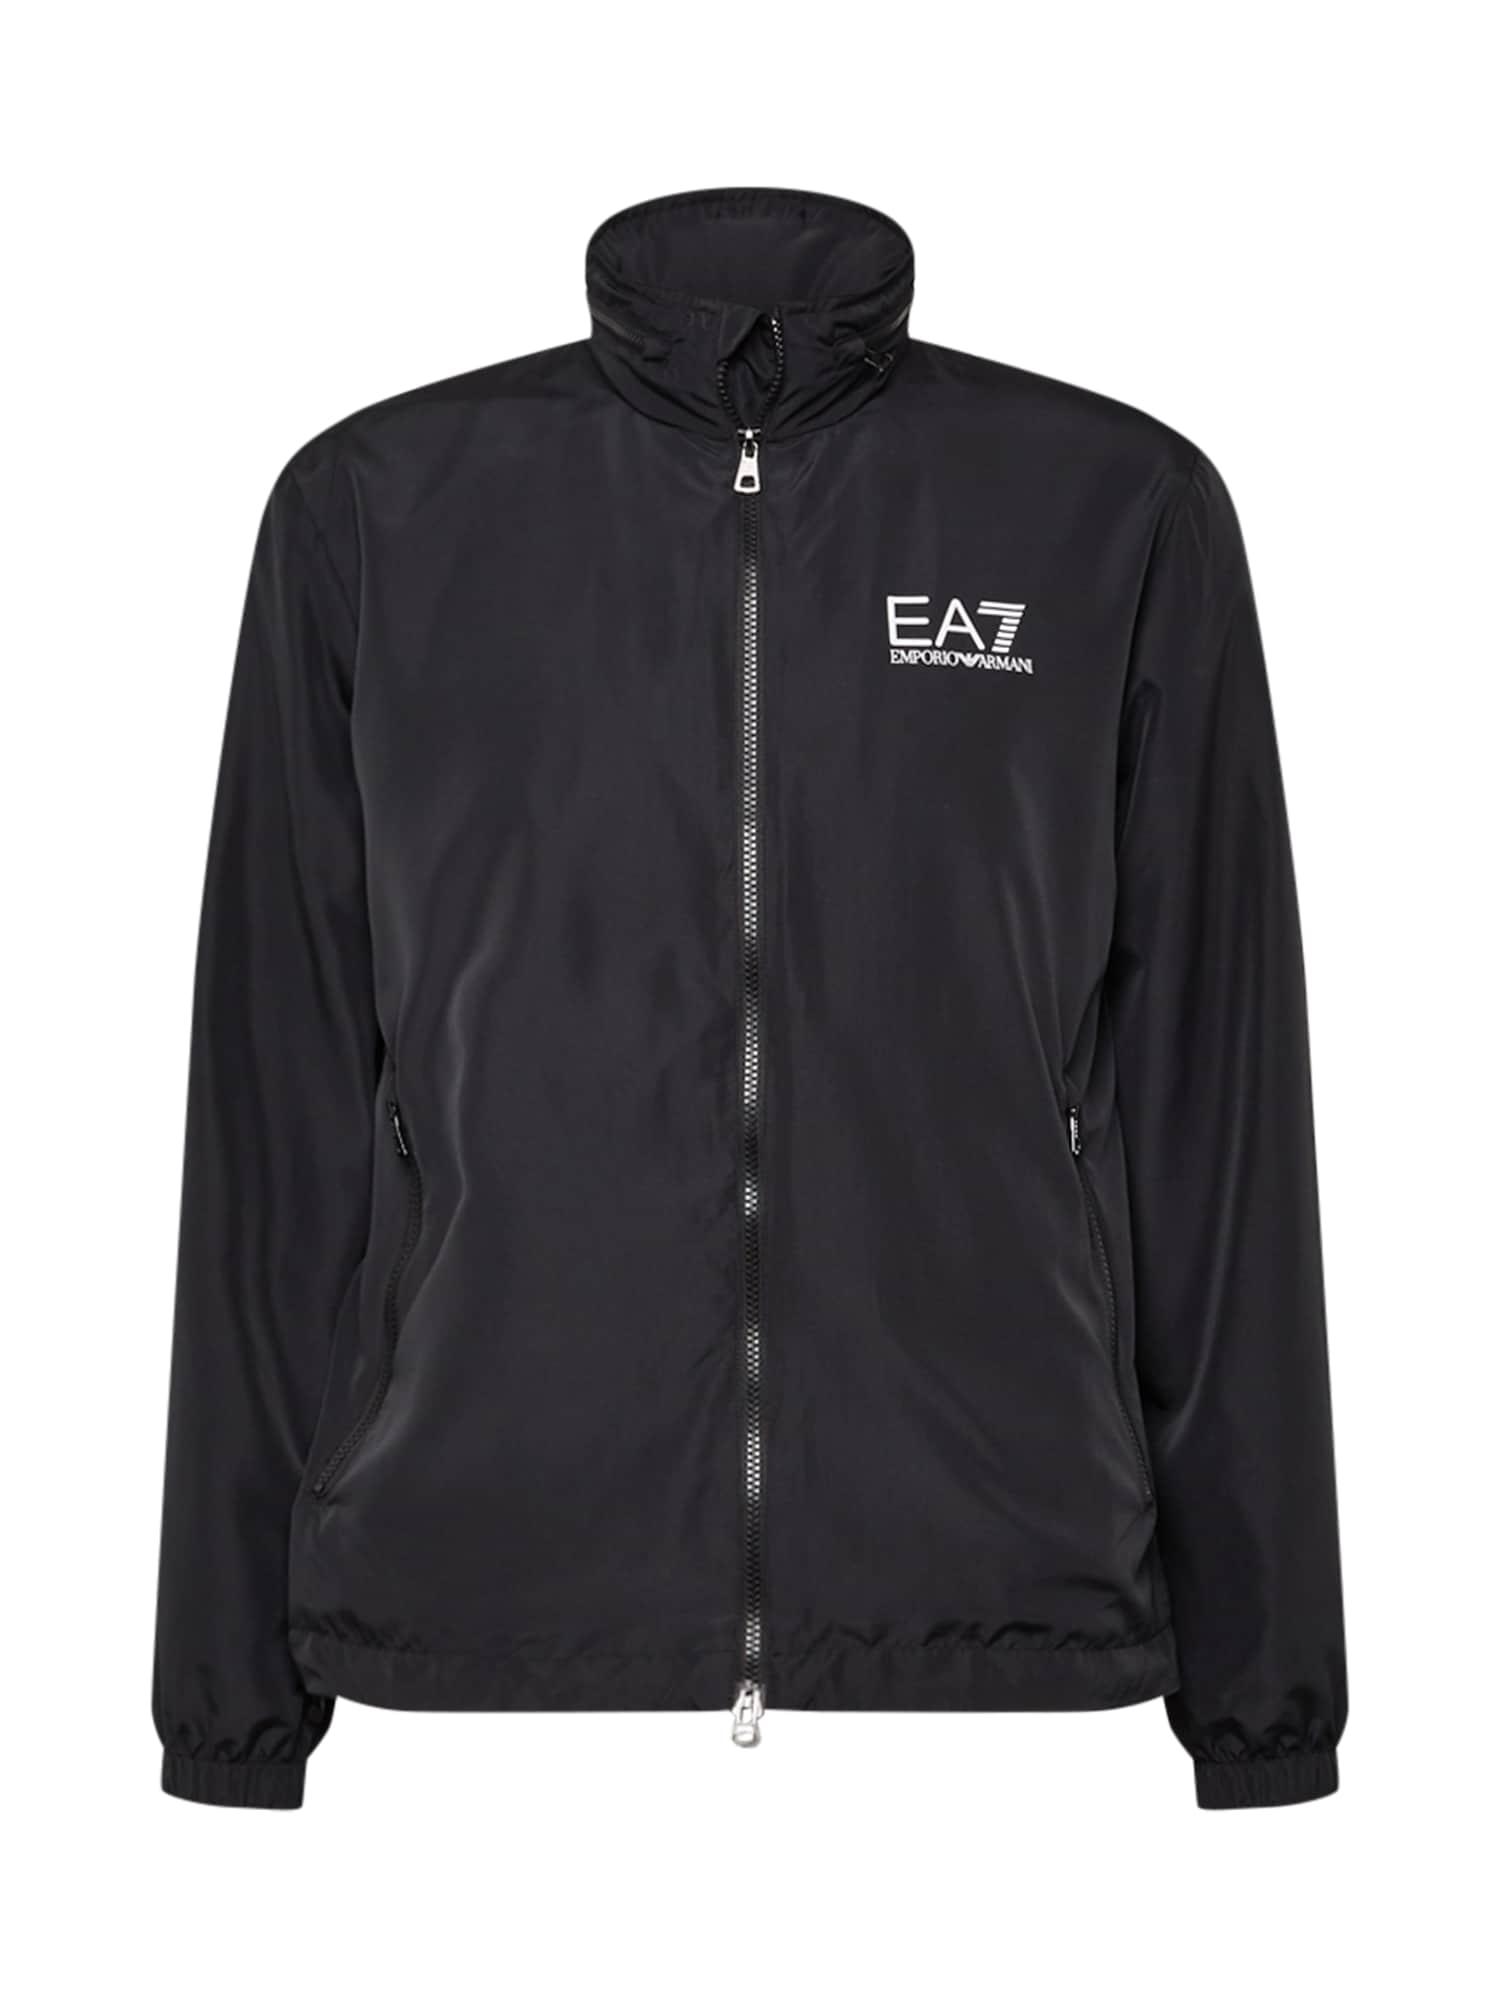 EA7 Emporio Armani Demisezoninė striukė juoda / balta